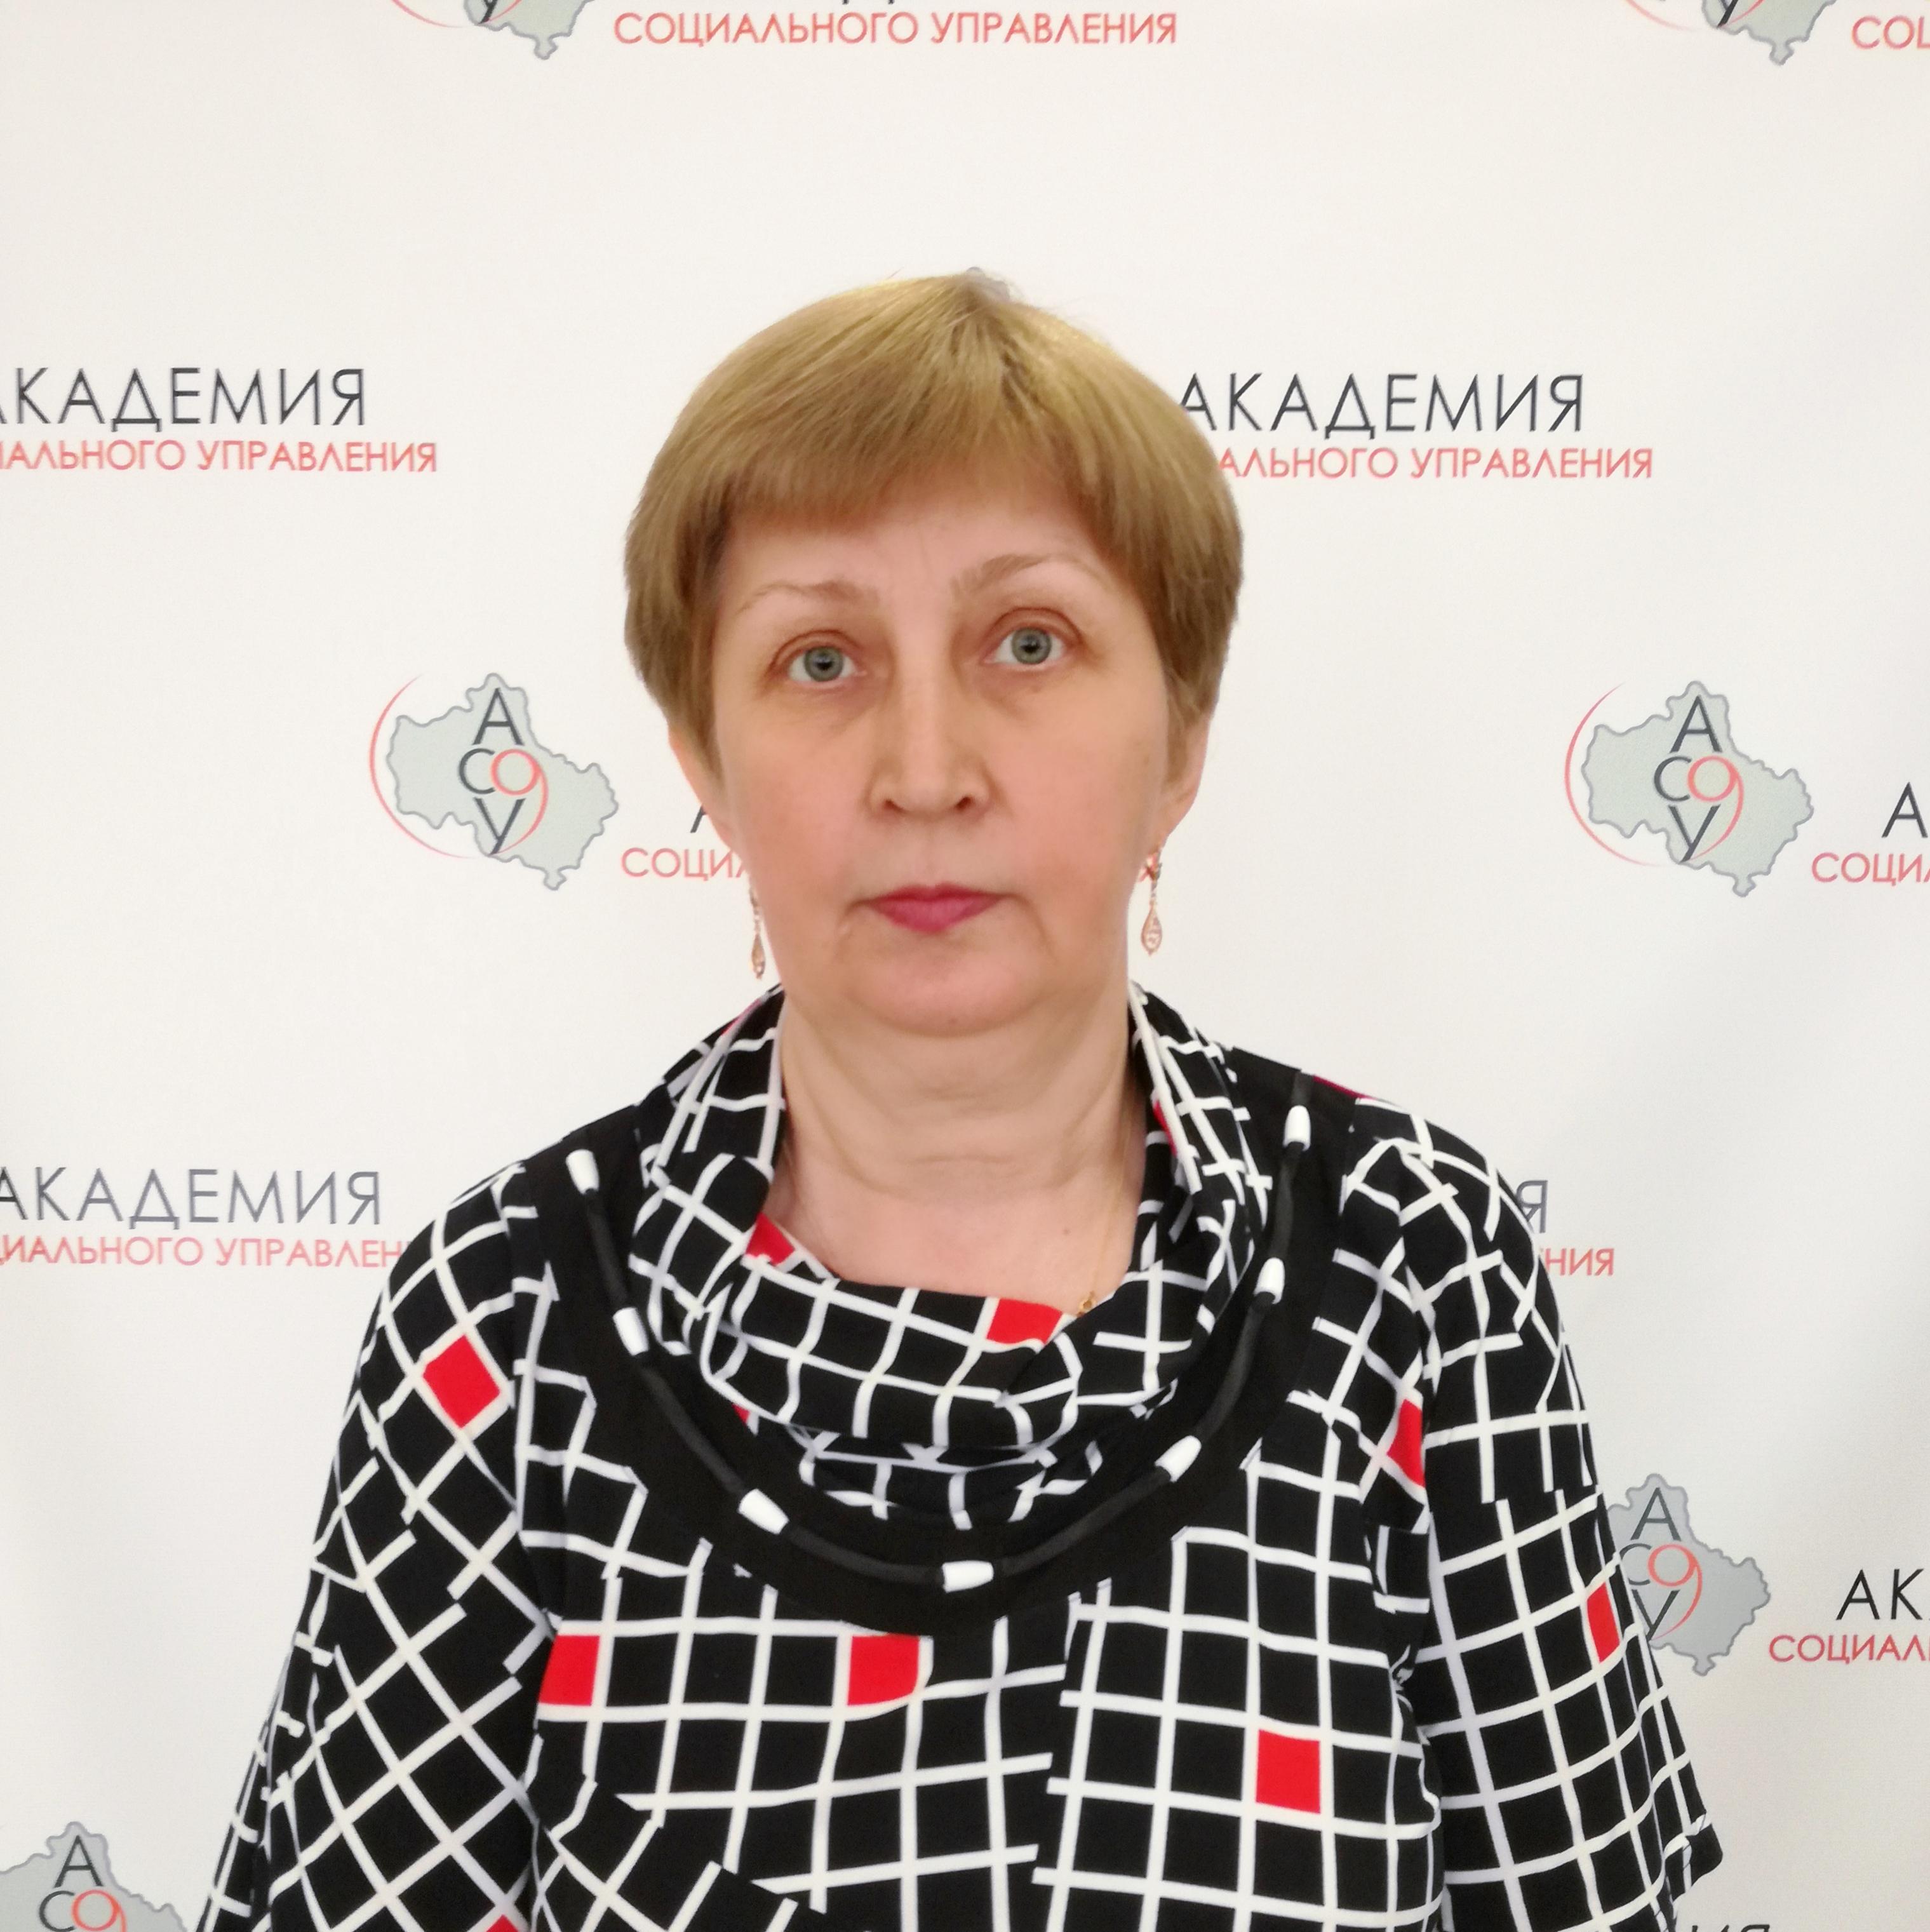 Захарова Татьяна Борисовна